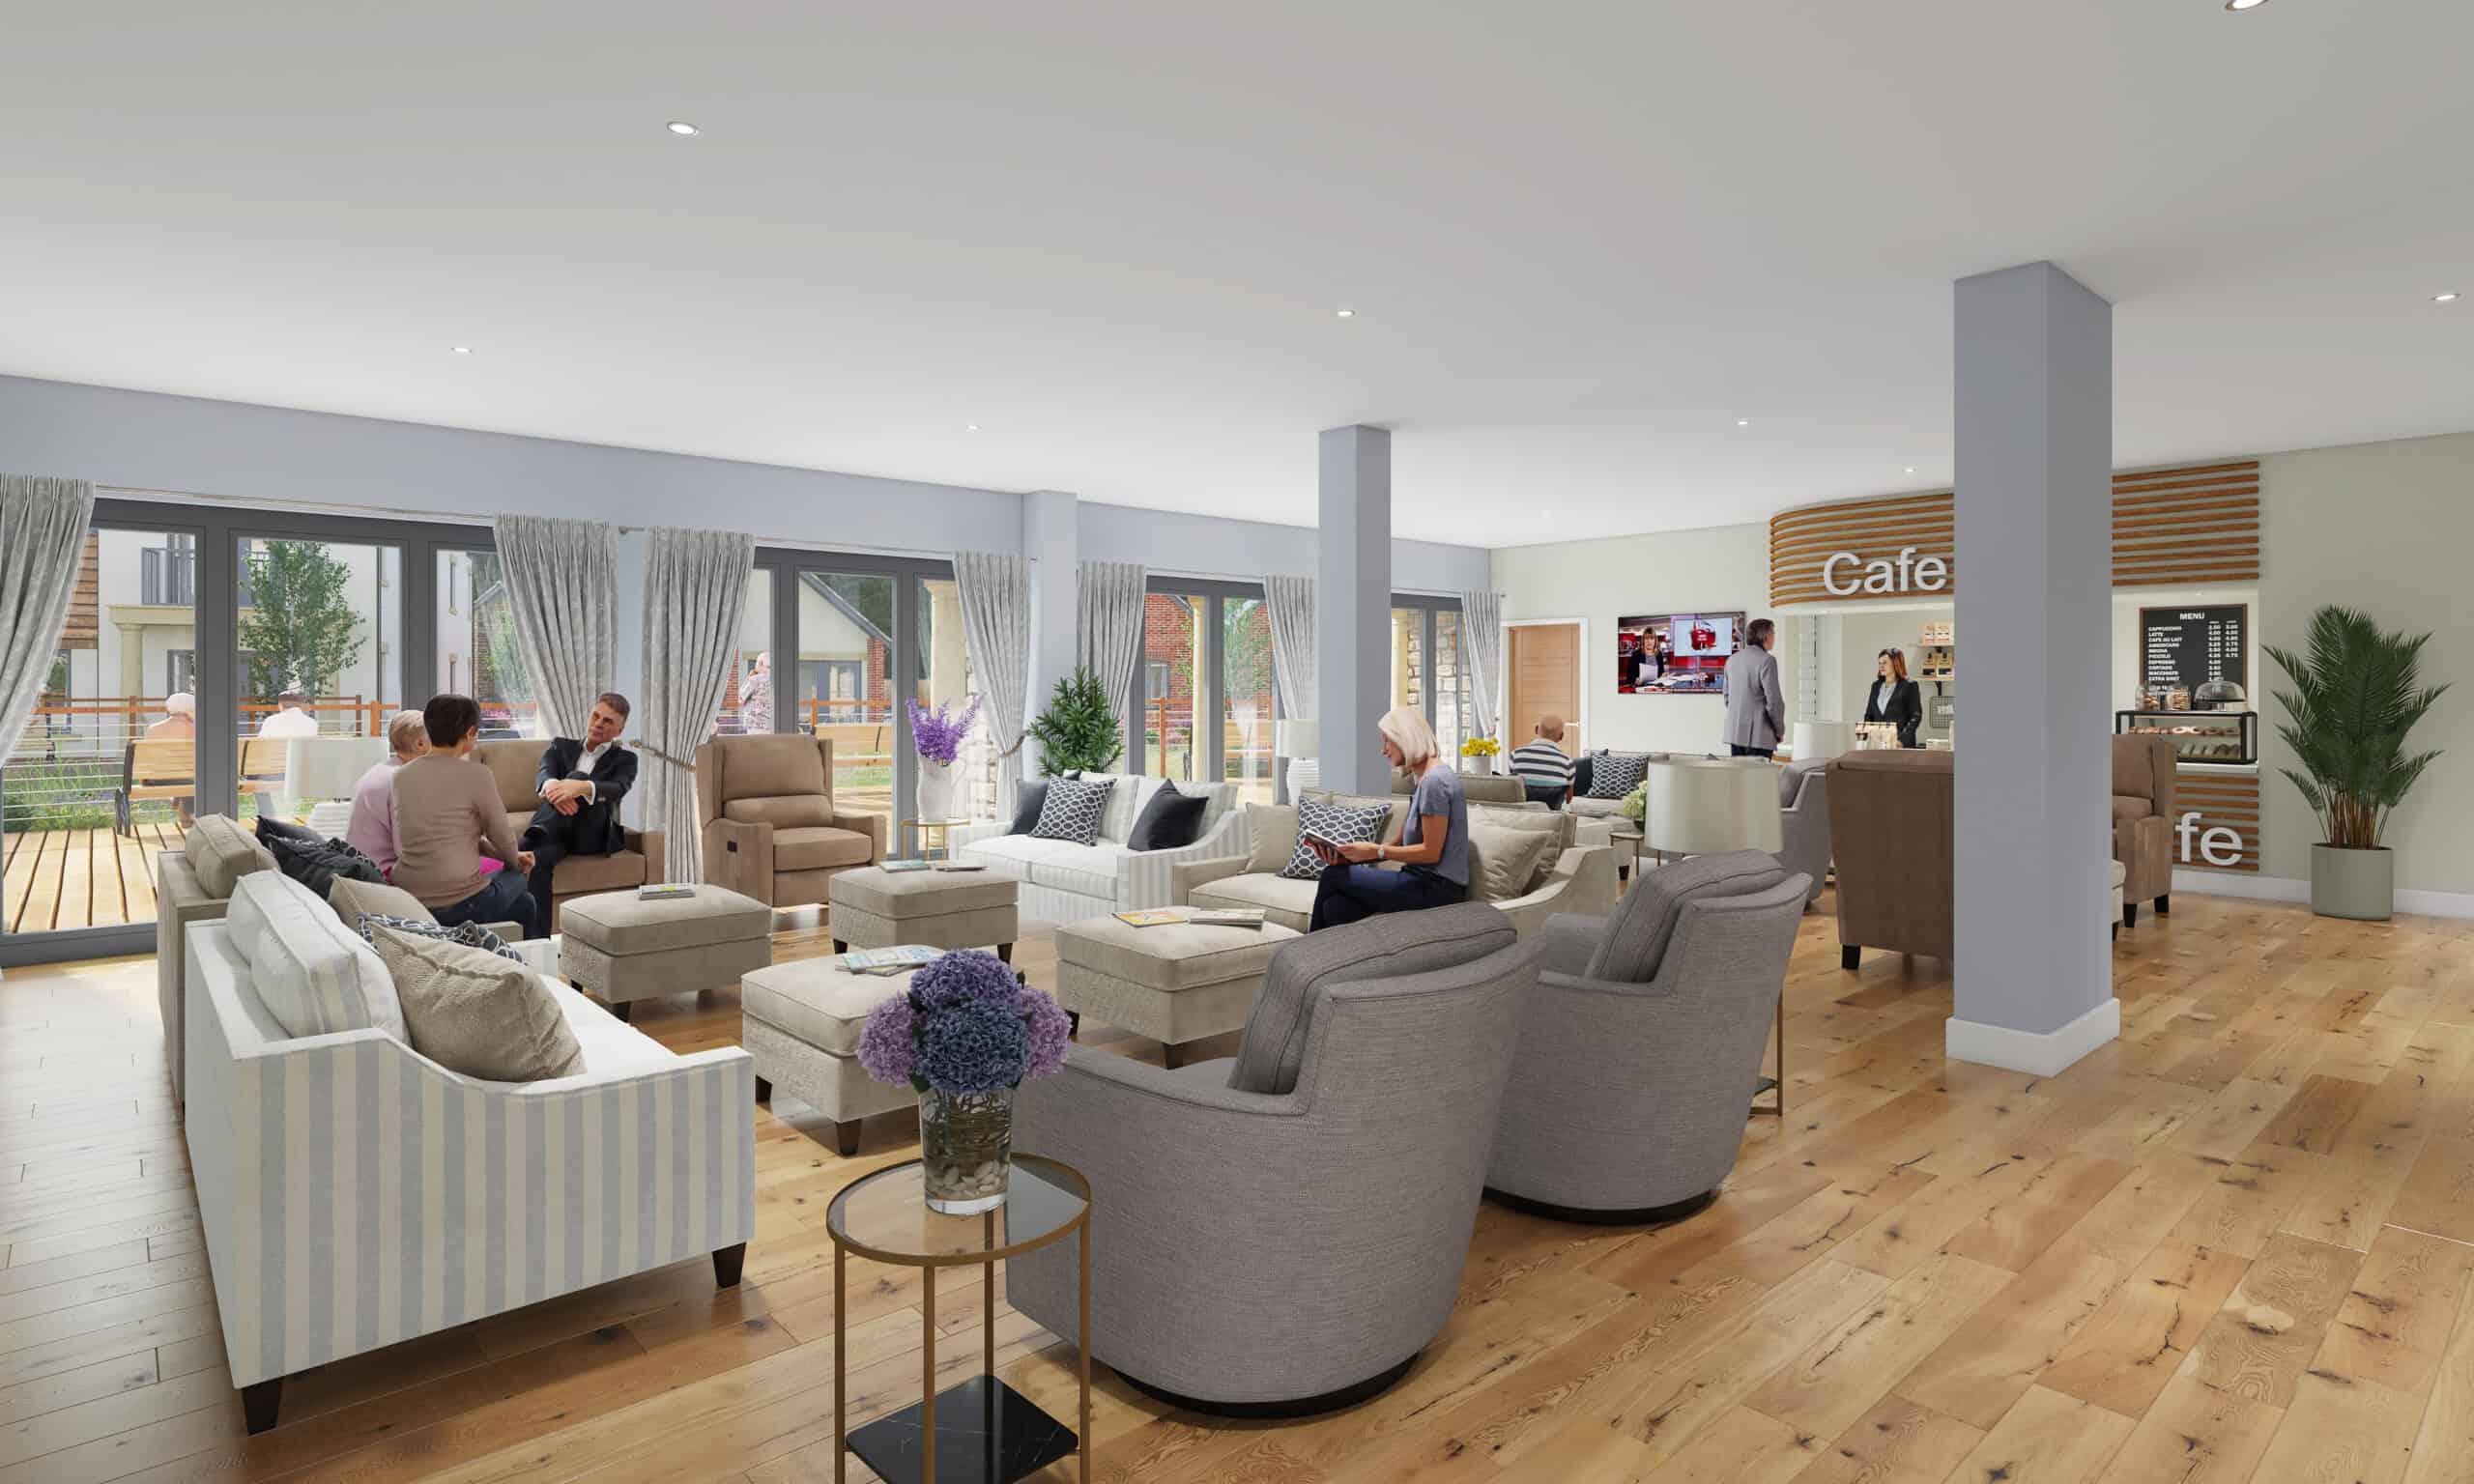 Kingsdown-Rd_BlockA_Coffee-Seating_HR